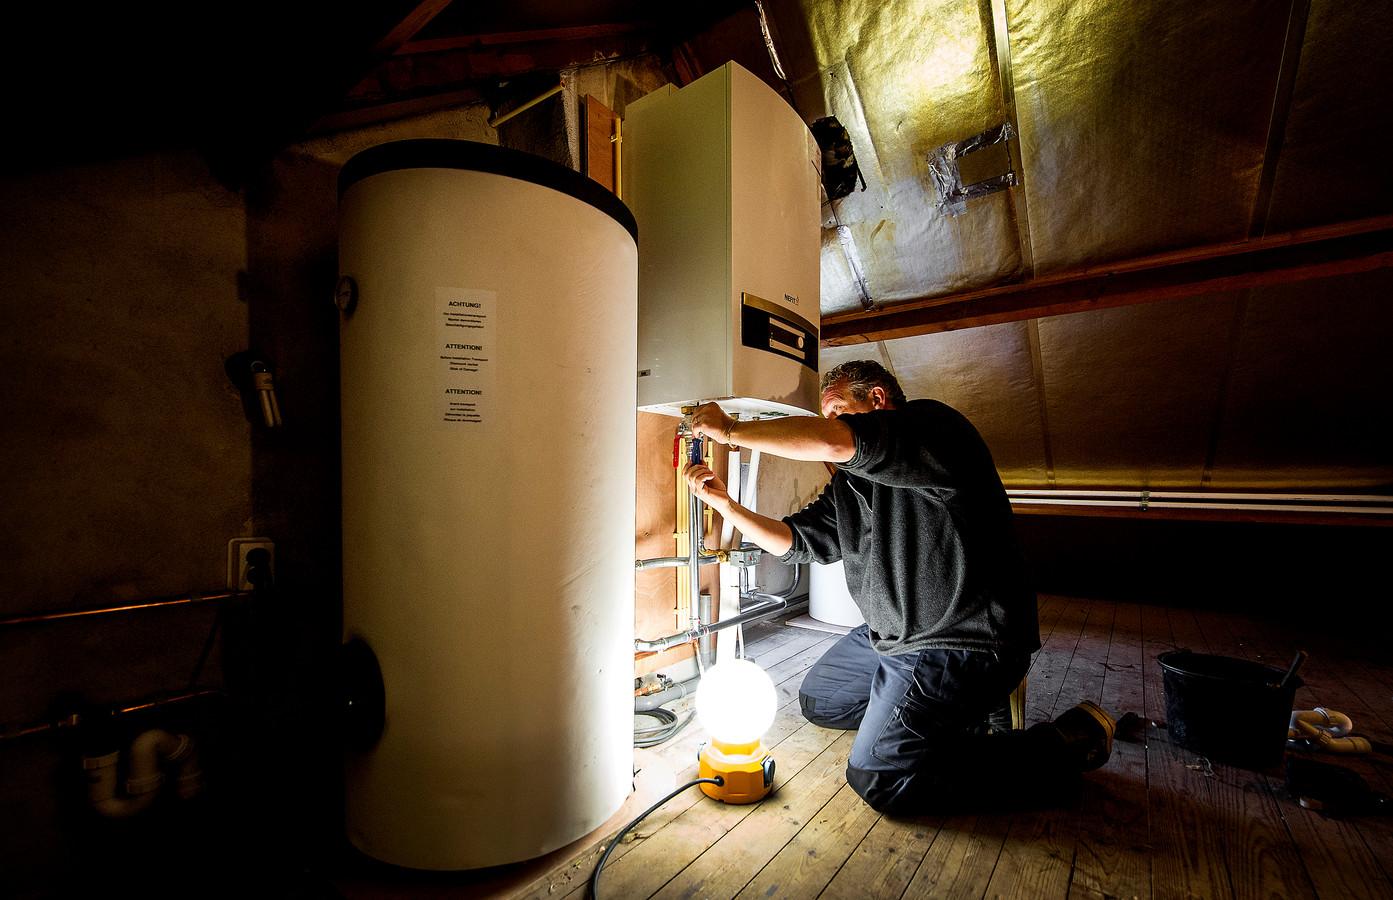 Een installateur is bezig met het installeren van een warmtepomp bij een verwarmingsketel, als onderdeel van een project om een jaren-60 woning energiezuinig te maken. Foto ter illustratie.